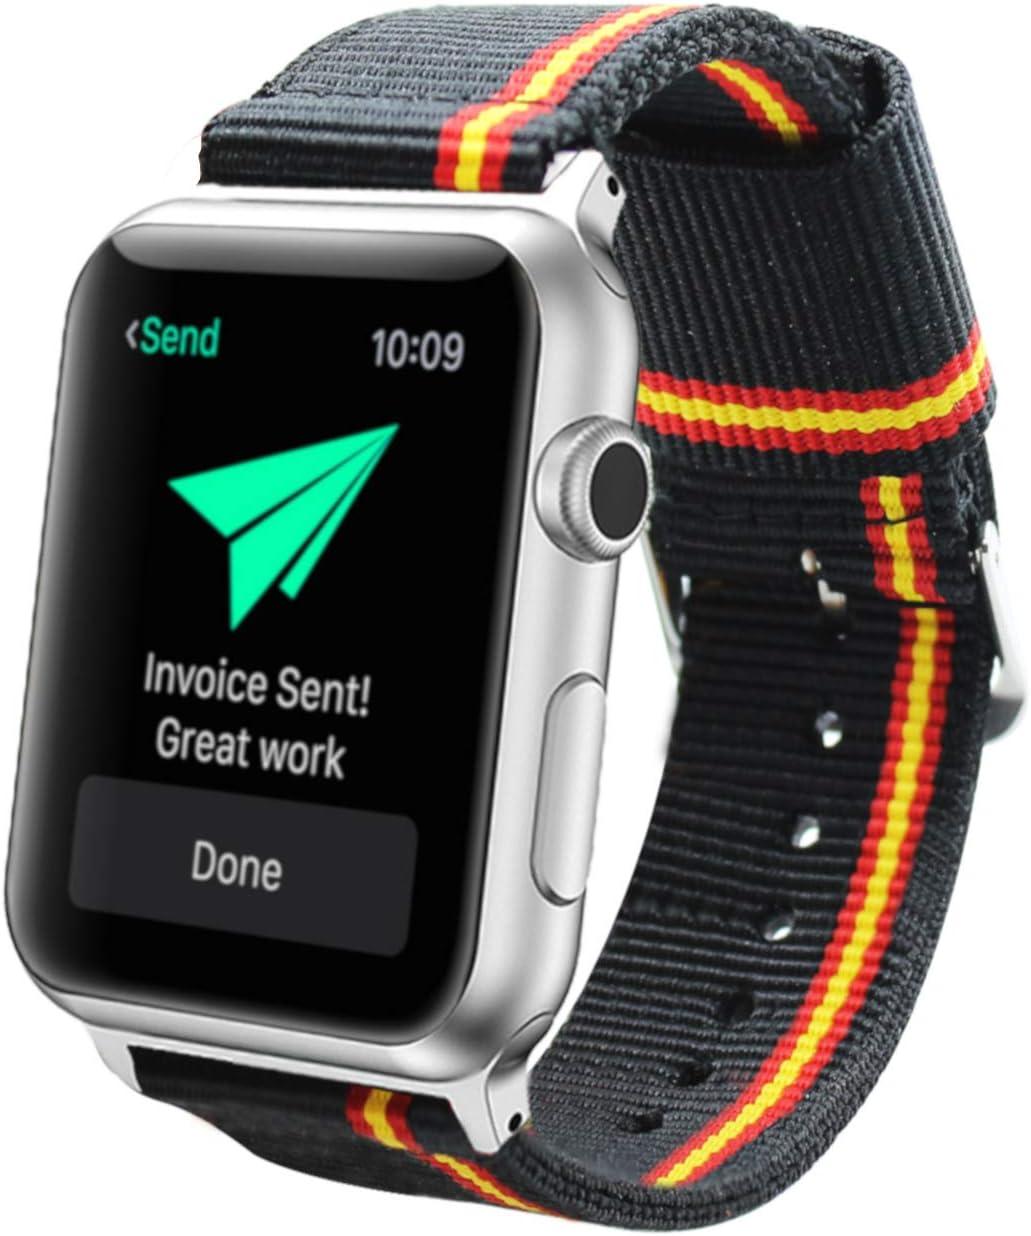 Estuyoya - Pulsera de Nailon Compatible con Apple Watch Colores Bandera de España, Ajustable Estilo Deportiva Casual Elegante para 42mm 44mm Series 6/5 / 4/3 / 2/1 / SE/Nike+: Amazon.es: Electrónica